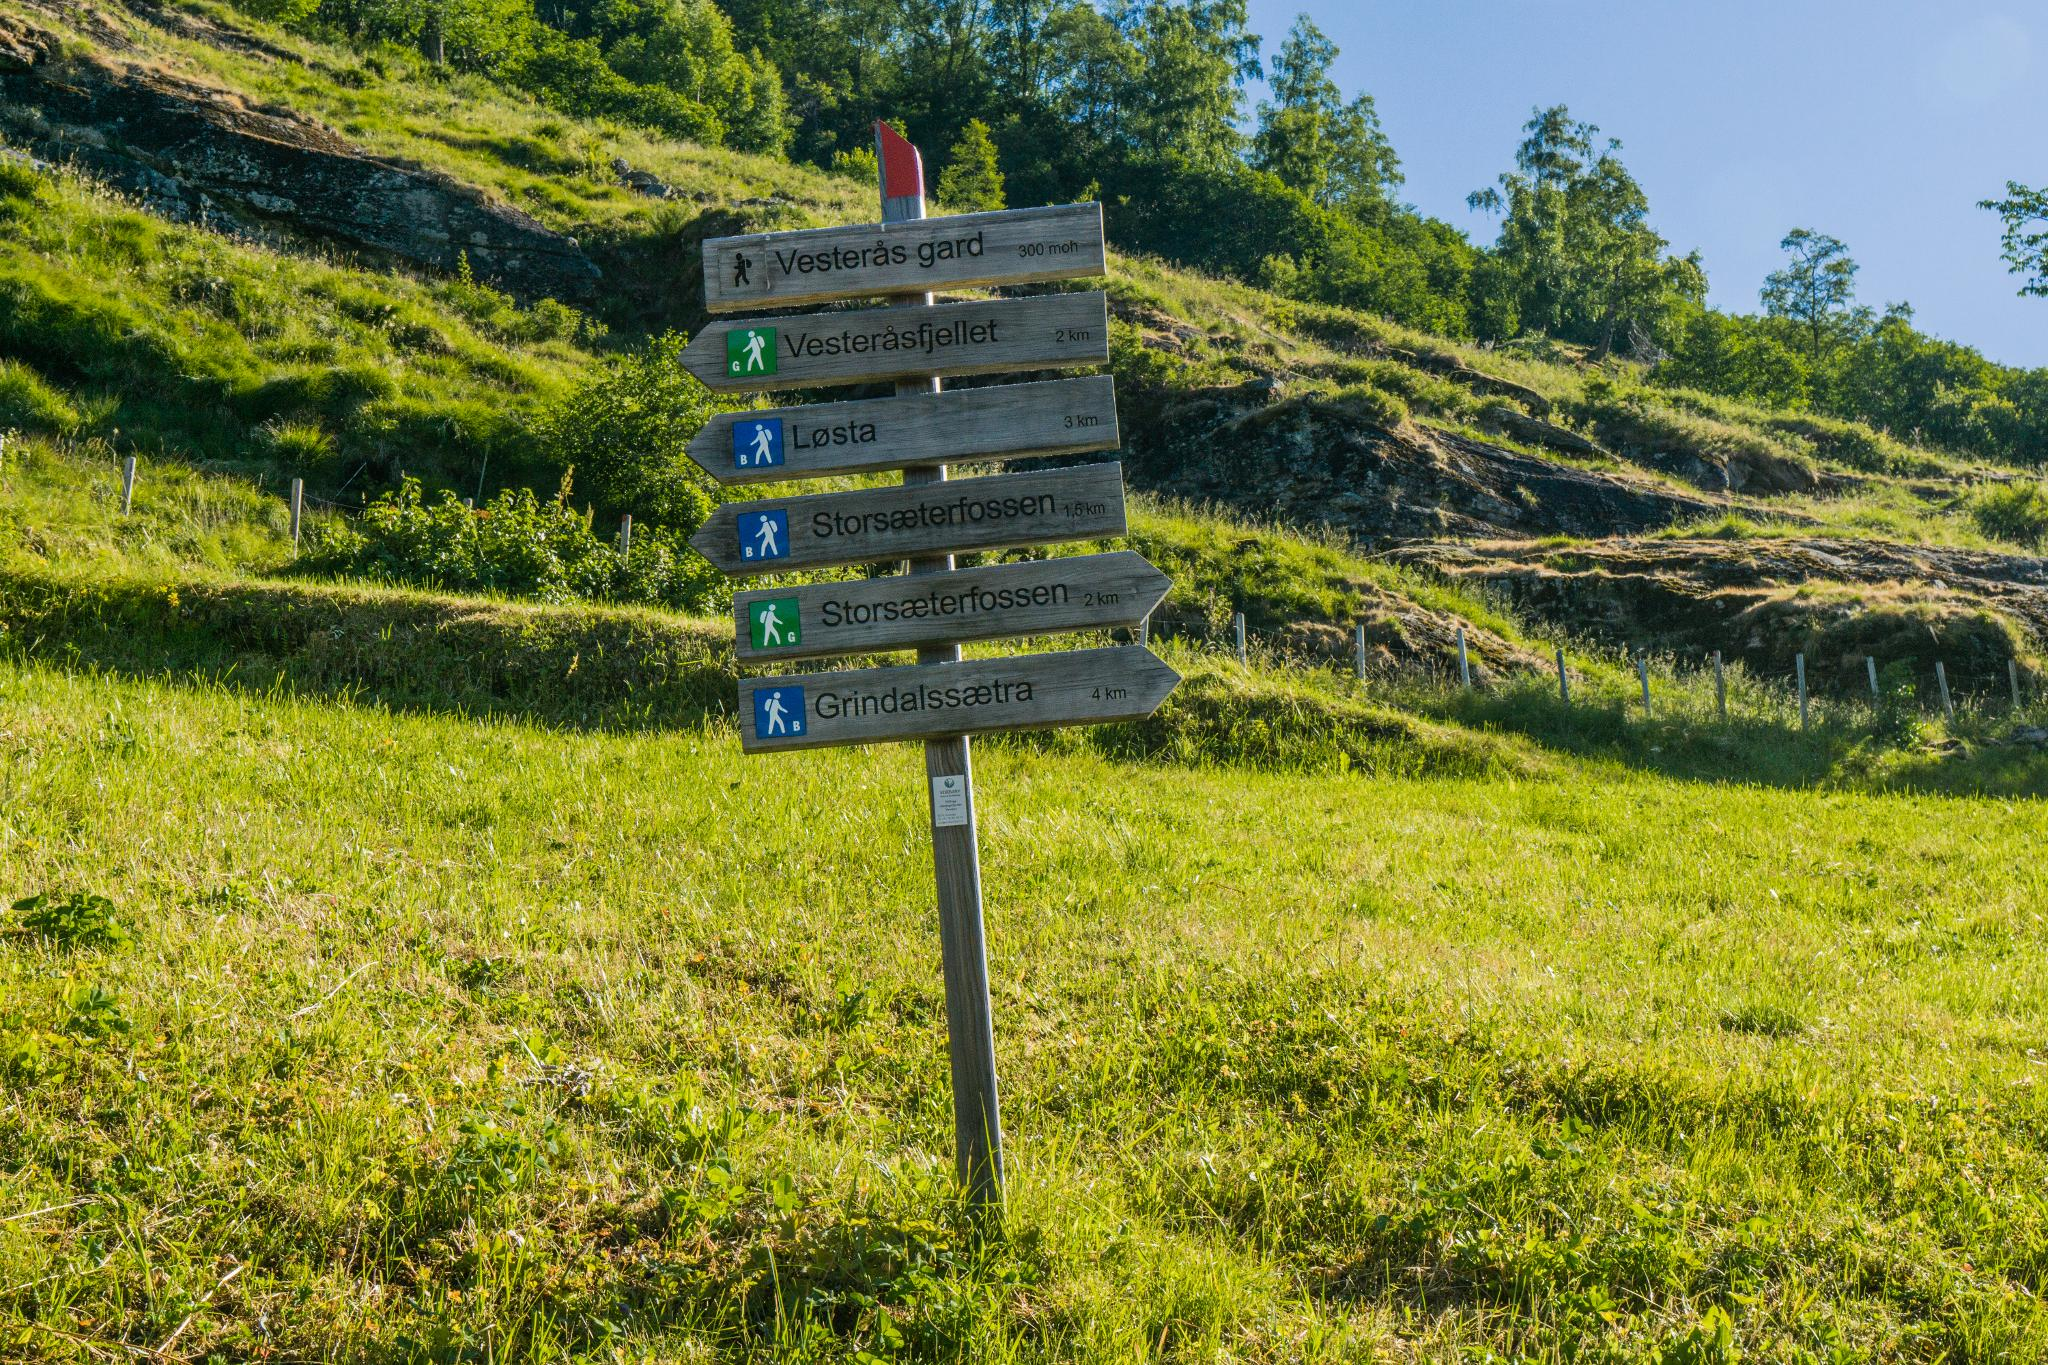 【北歐景點】蓋倫格峽灣健行 — Vesteråsfjellet與Løsta觀景台 55